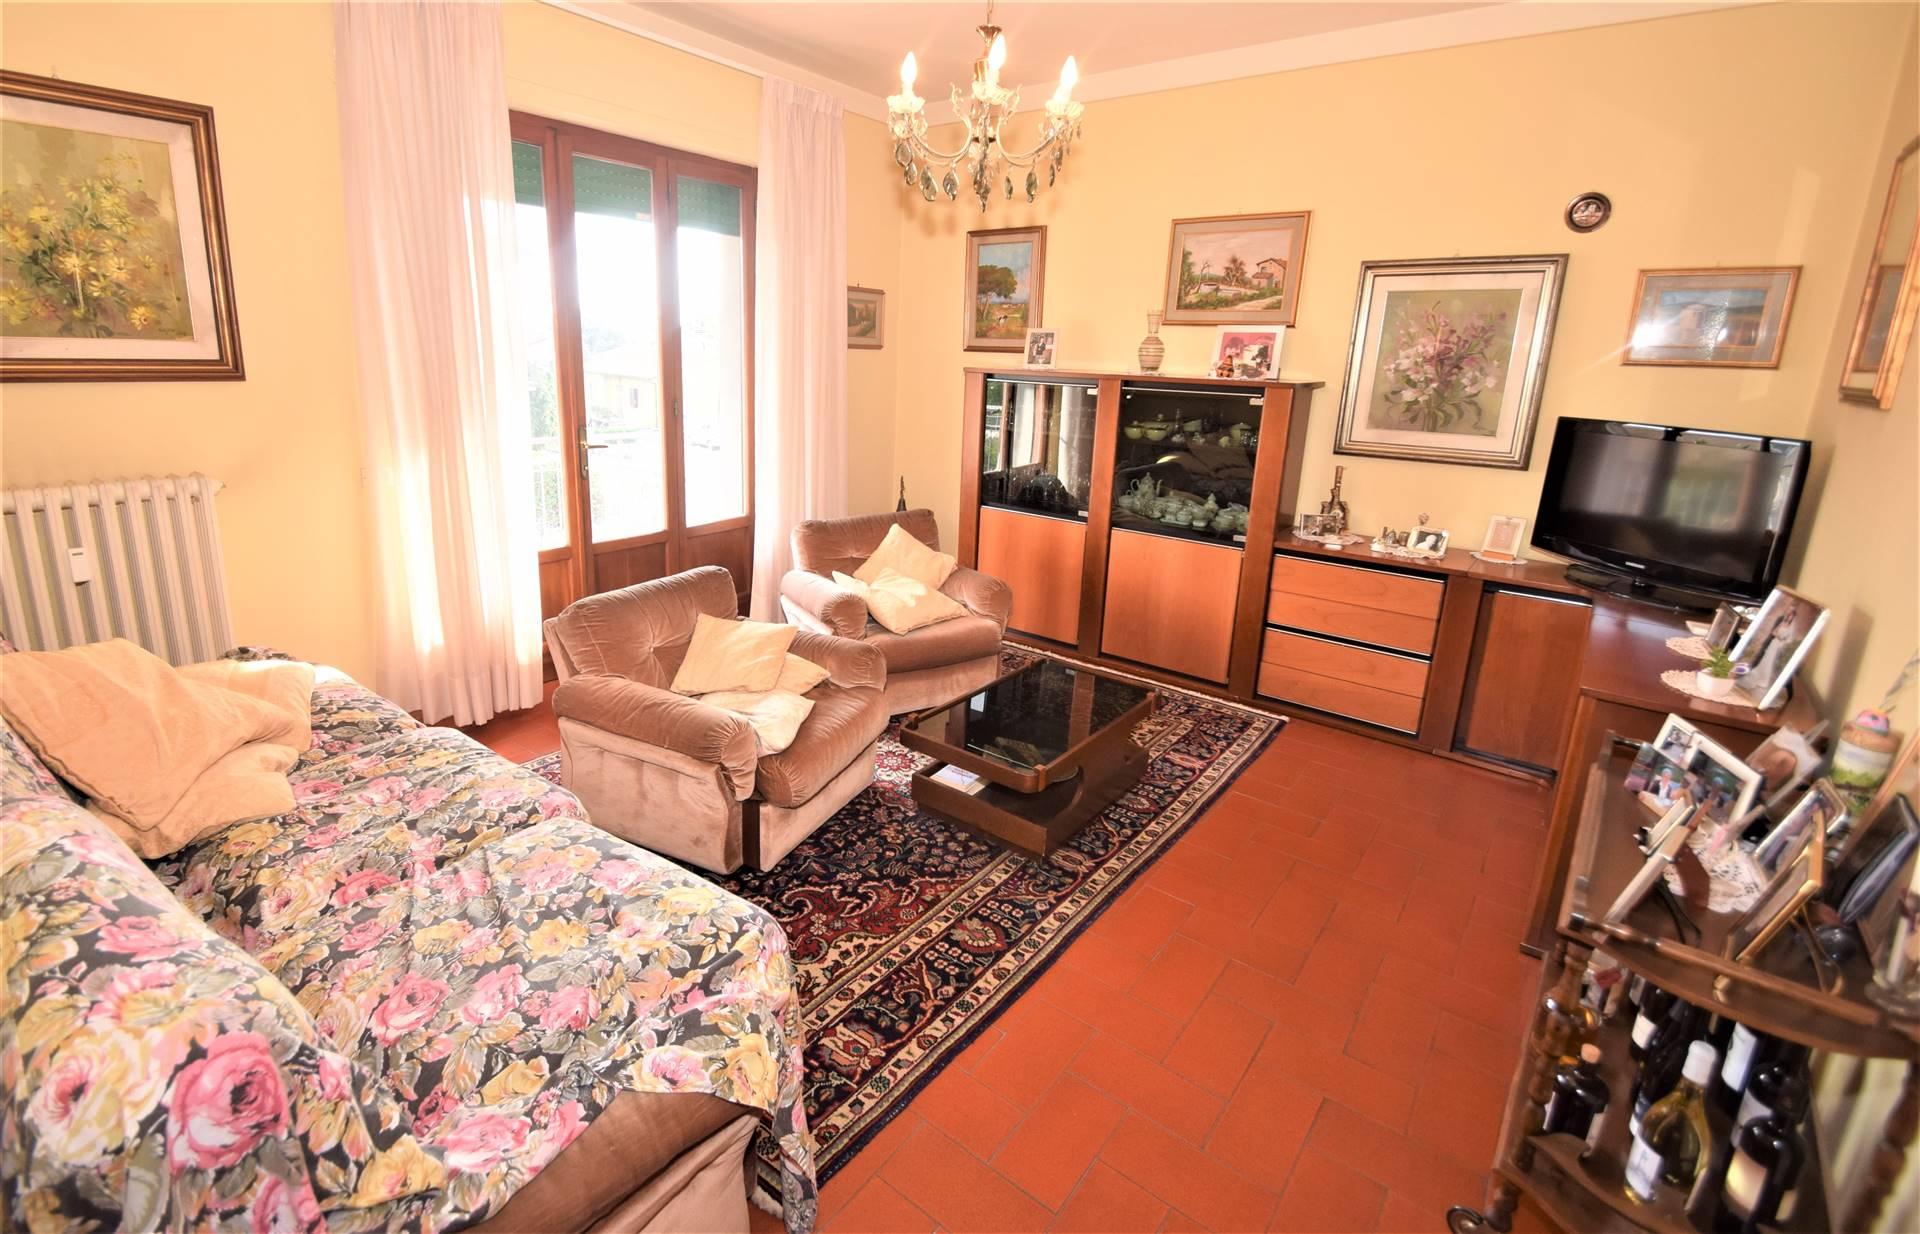 Appartamento in vendita a Buggiano, 7 locali, prezzo € 135.000 | CambioCasa.it